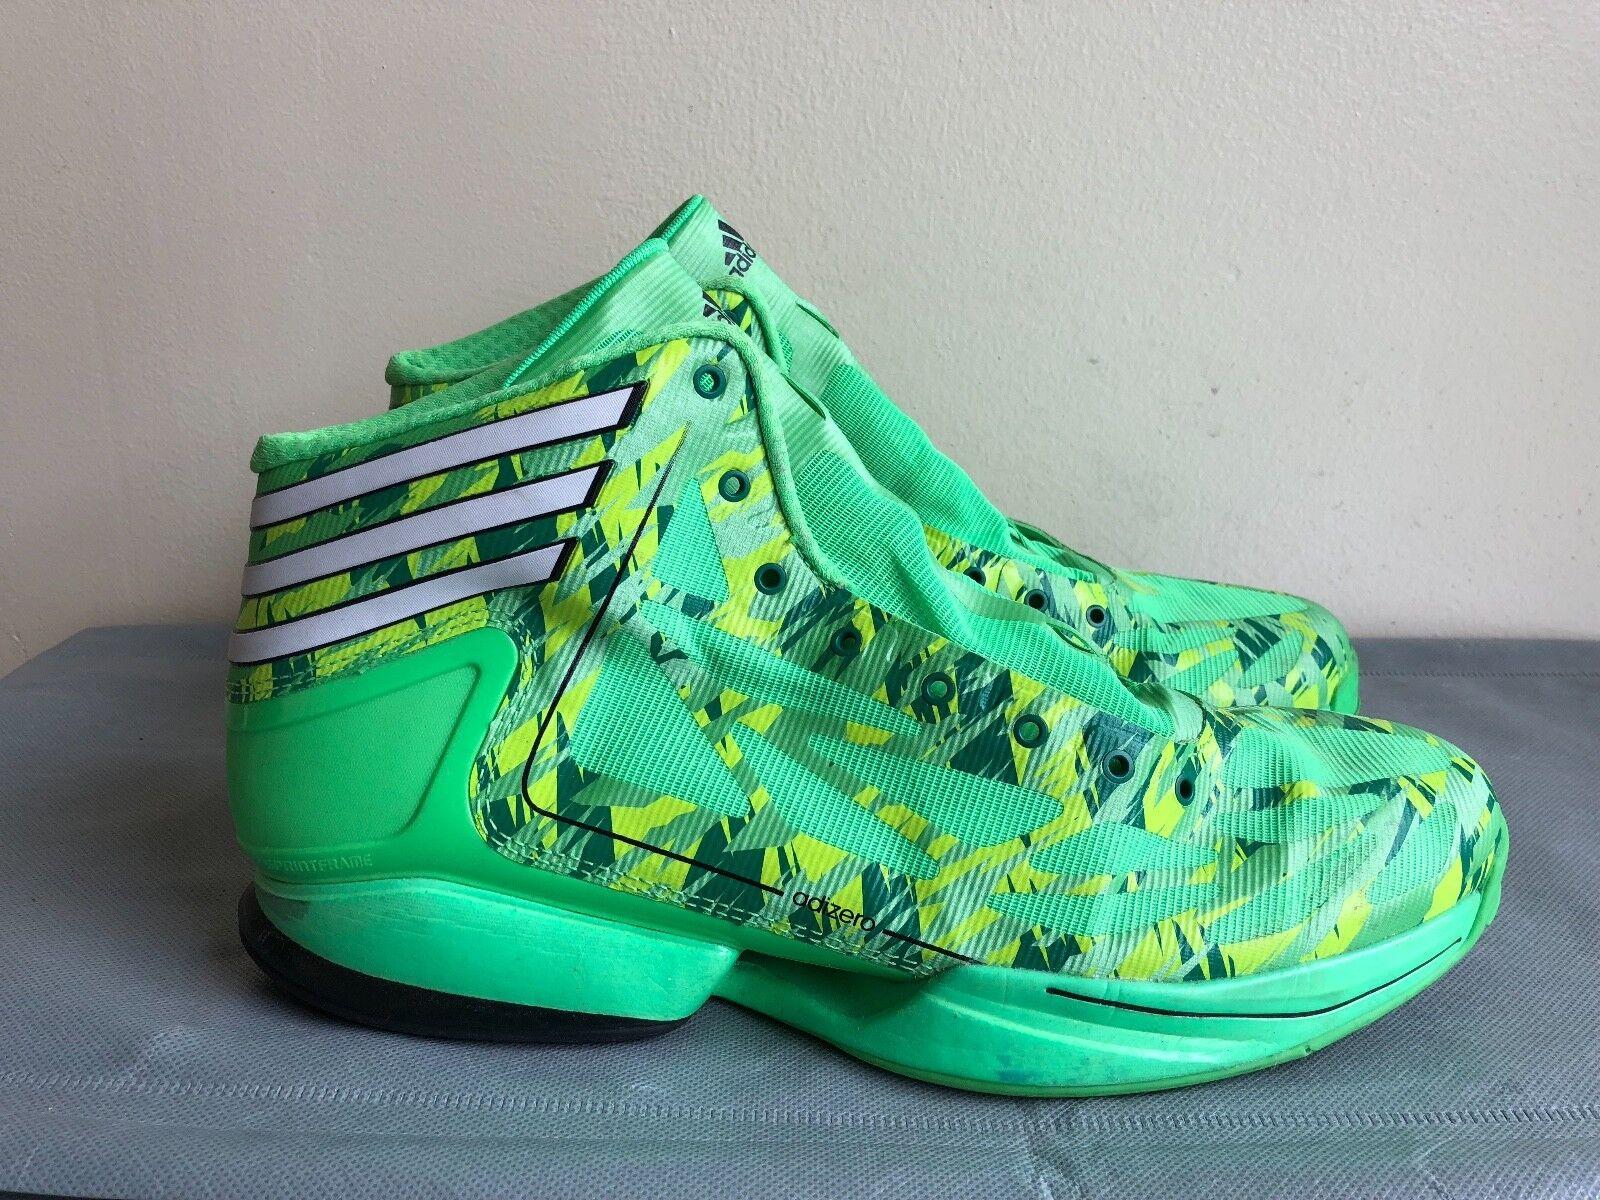 Adidas adizero luz hacer rapido el baloncesto baloncesto baloncesto hombres zapatos hombre talla 12 nuevos zapatos para hombres y mujeres, el limitado tiempo de descuento c28575